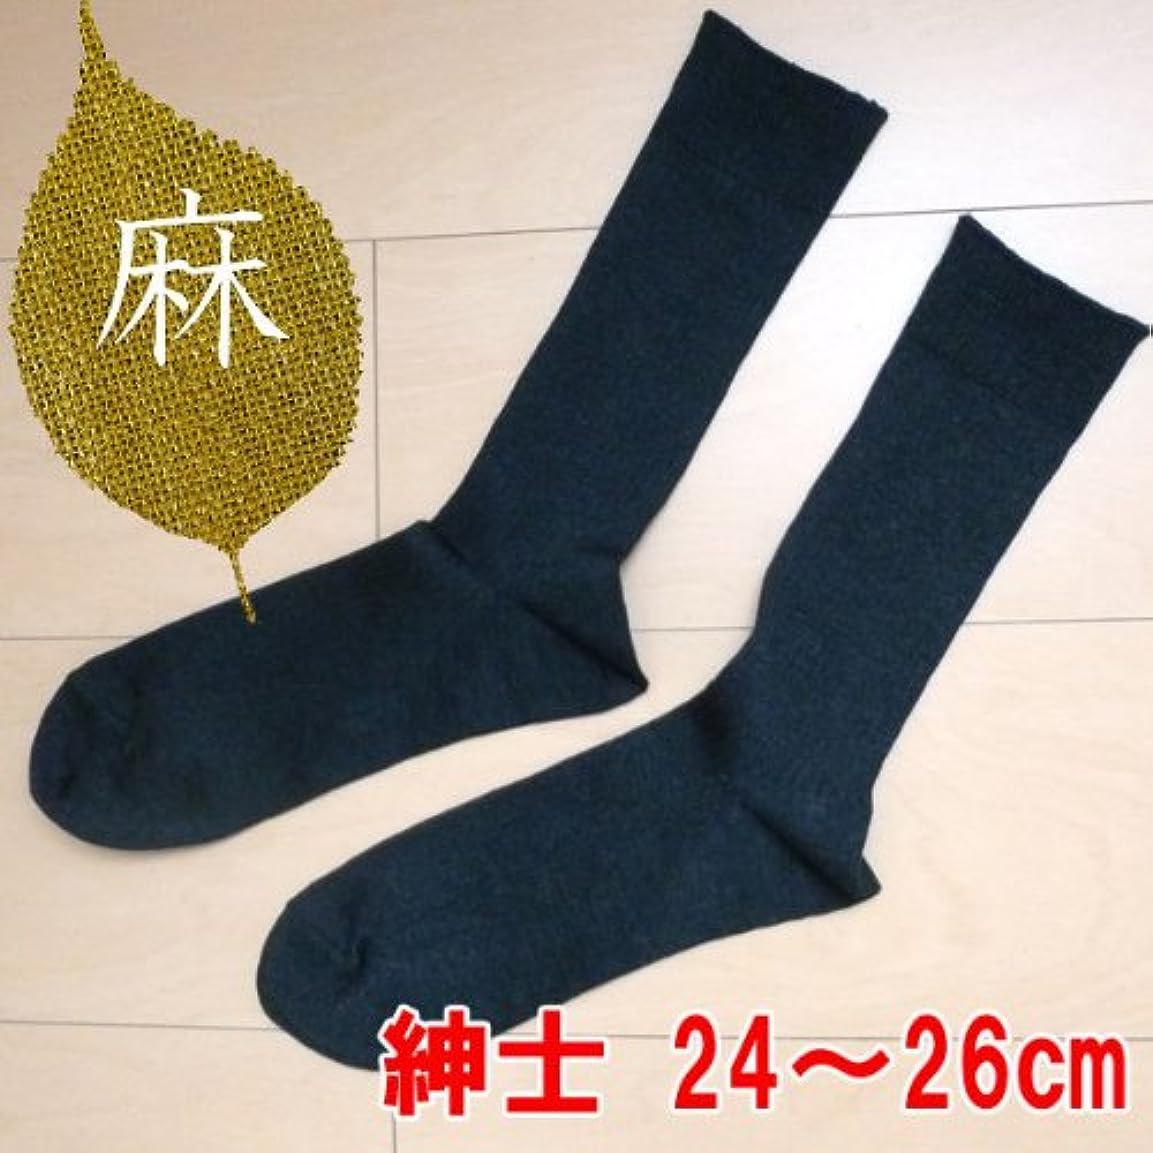 狂人登場告白するリブソックス 麻 日本製 男性用 無地 24~26cm 防臭 速乾